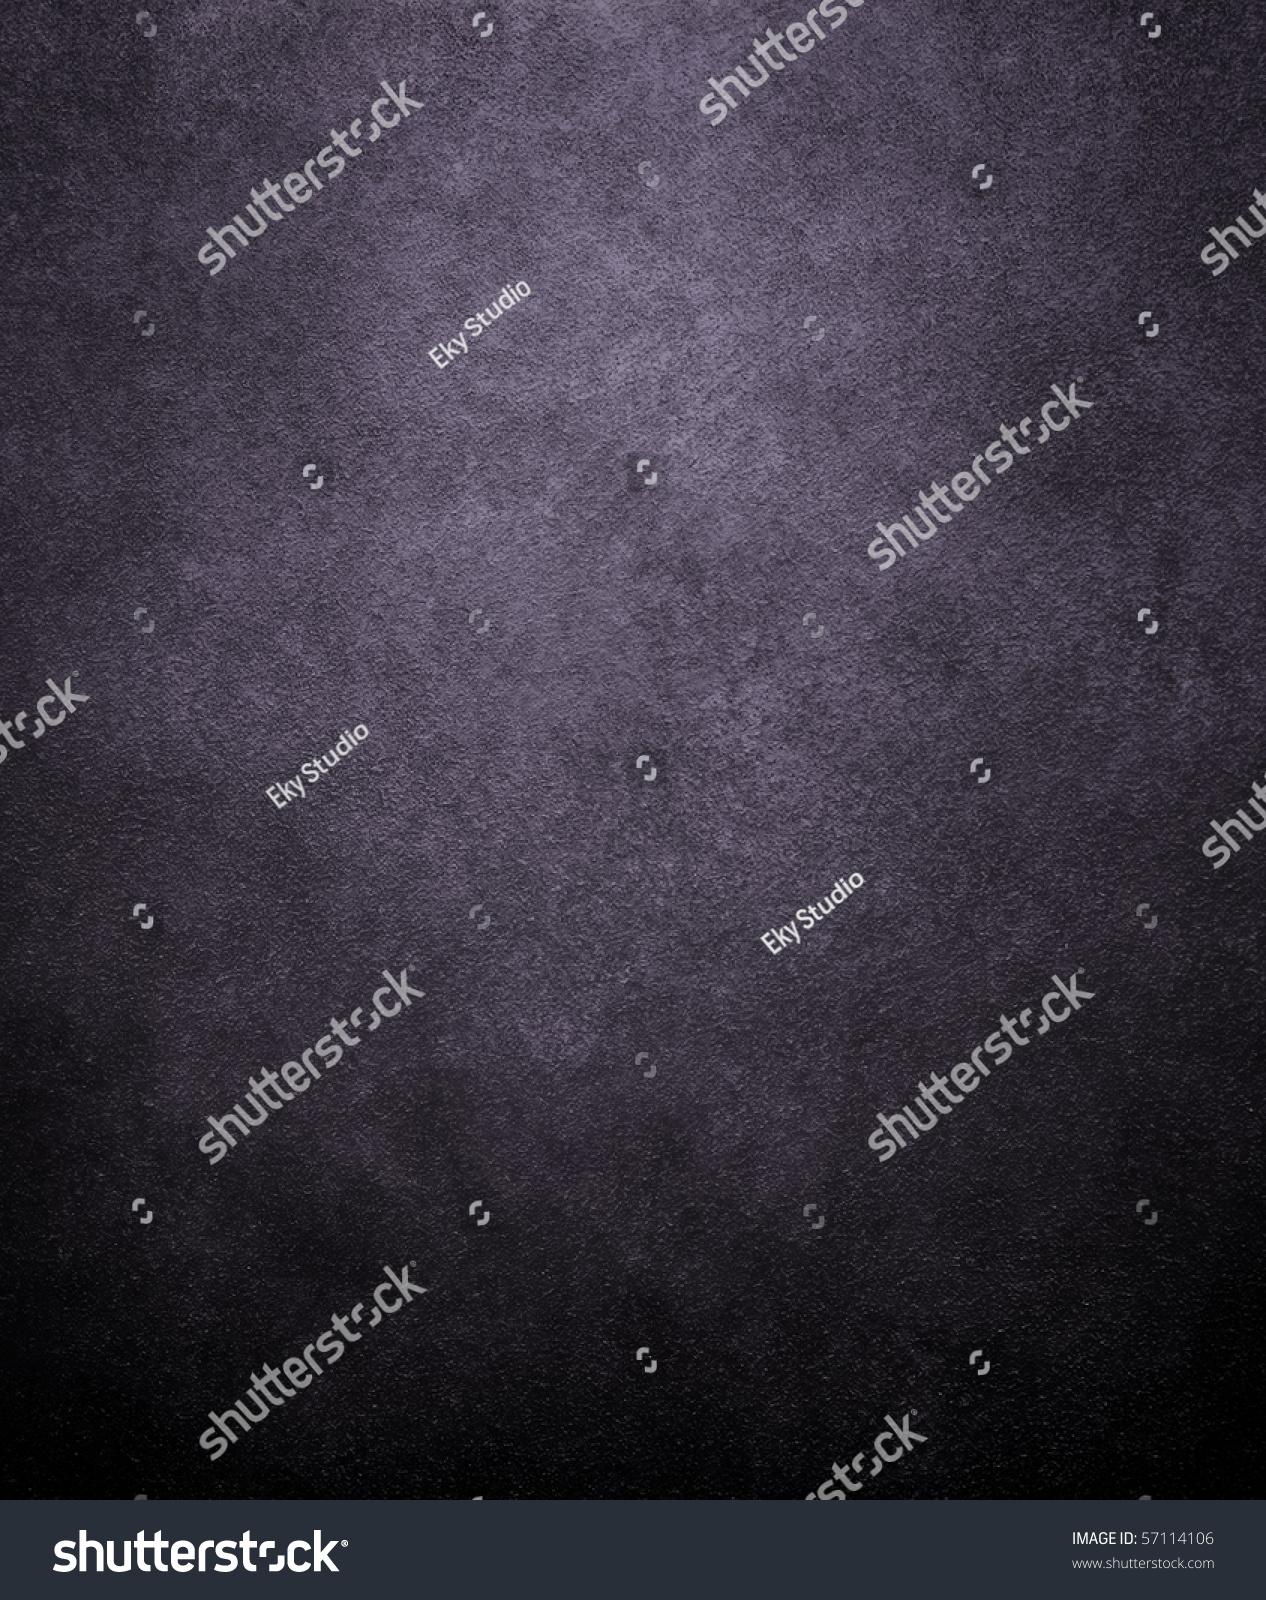 Black Canvas Background : Black canvas background stock photo shutterstock